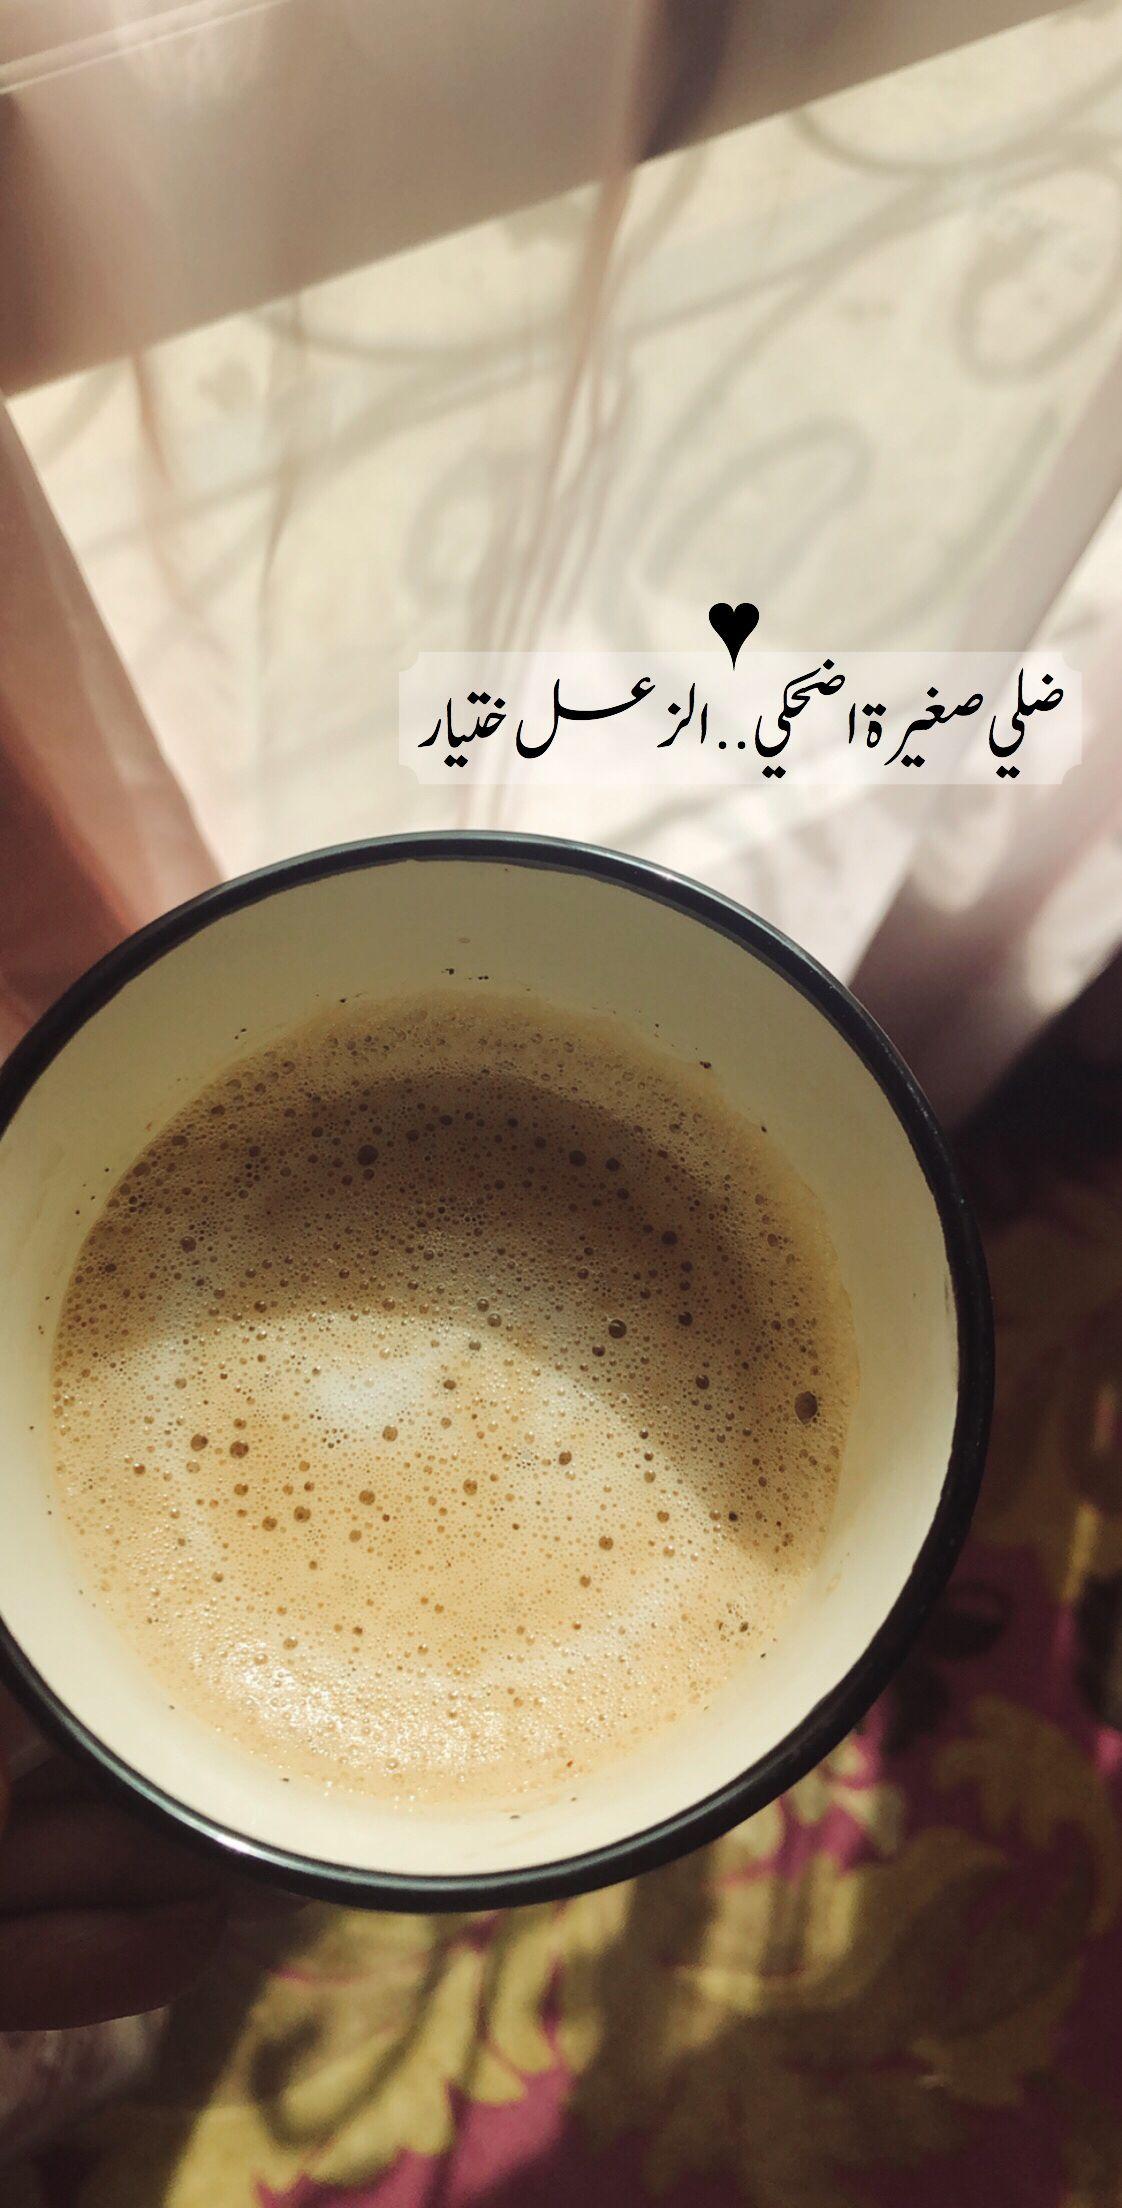 صباح الخير Food Coffee Arabic Quotes